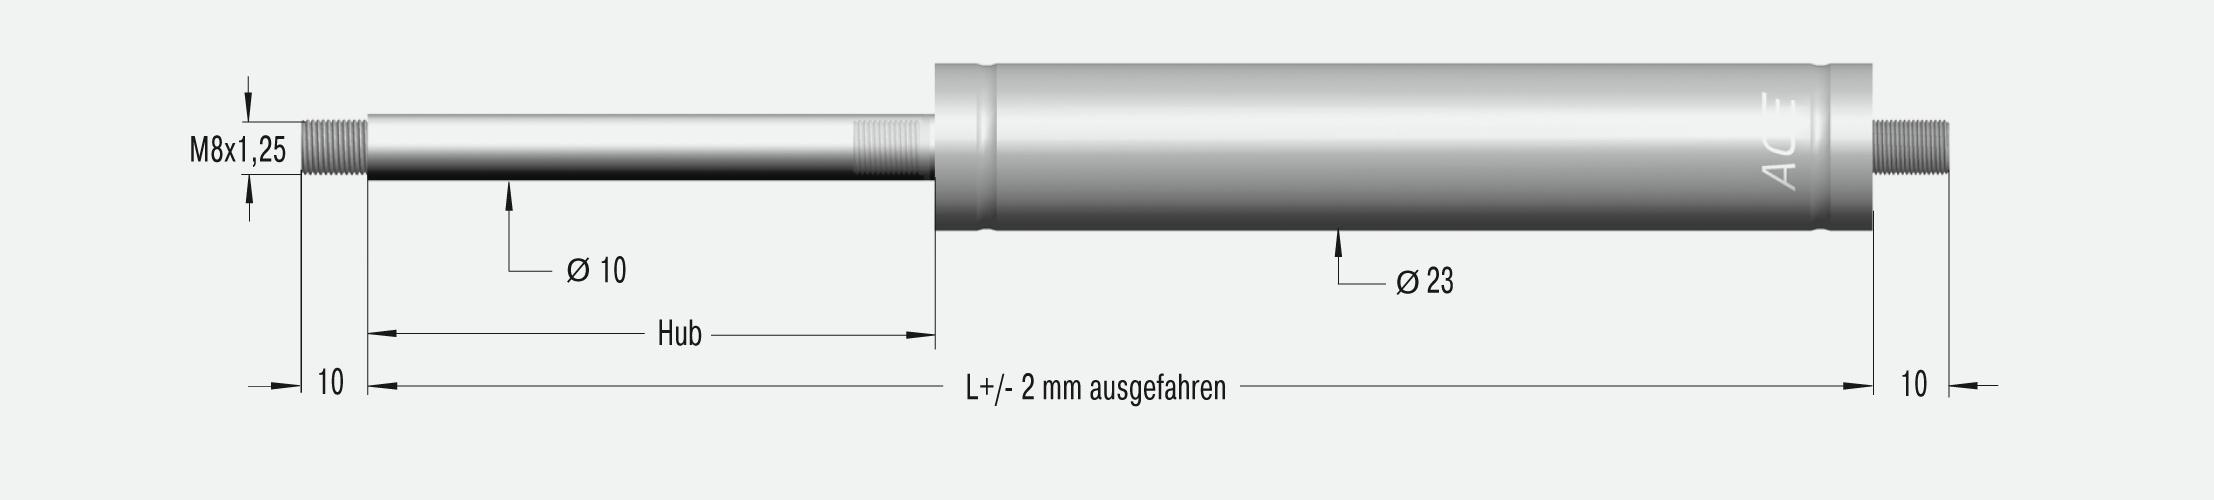 GS-22-500-VA